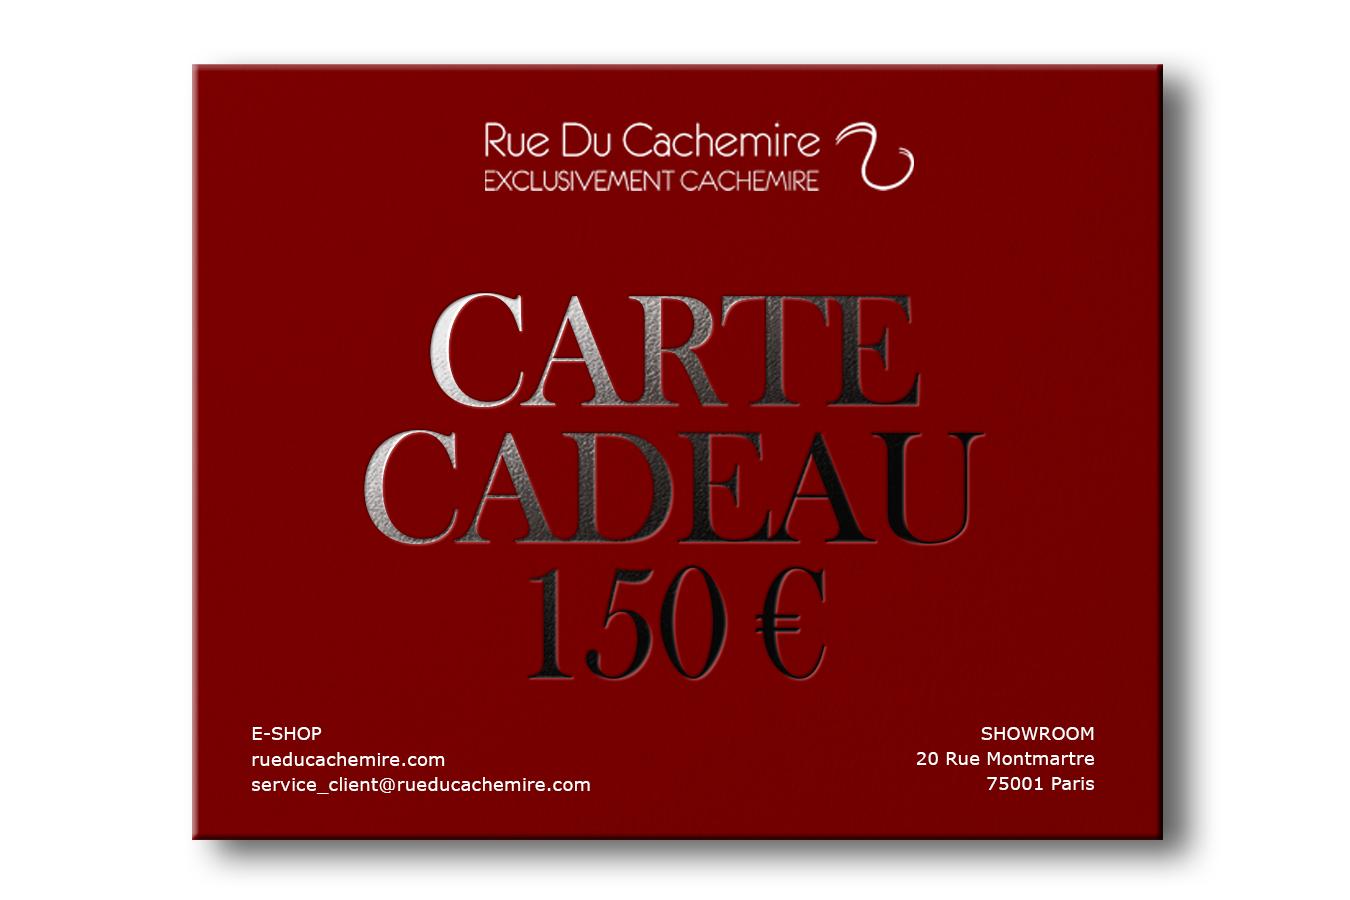 Carte cadeau cachemire 150 Euros